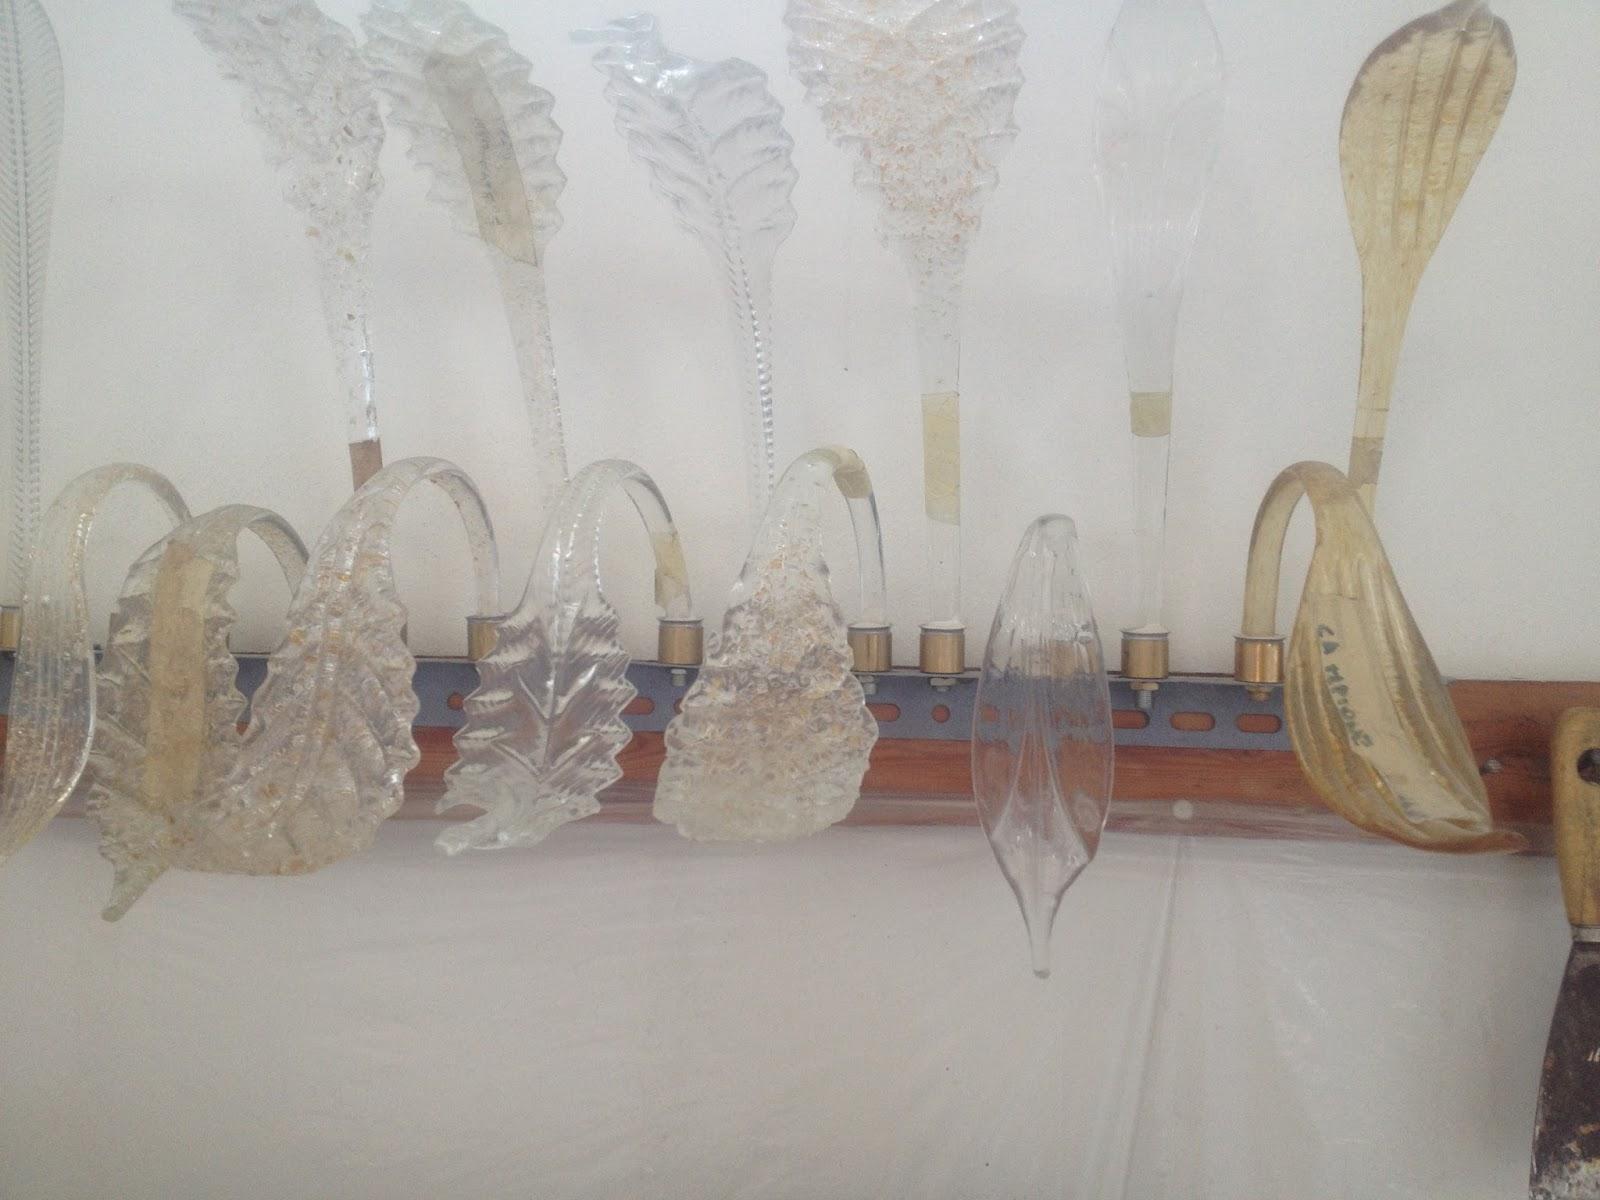 Ricambi Plafoniere Vetro : Ricambi per lampadari in vetro di murano e specchi: nuova struttura